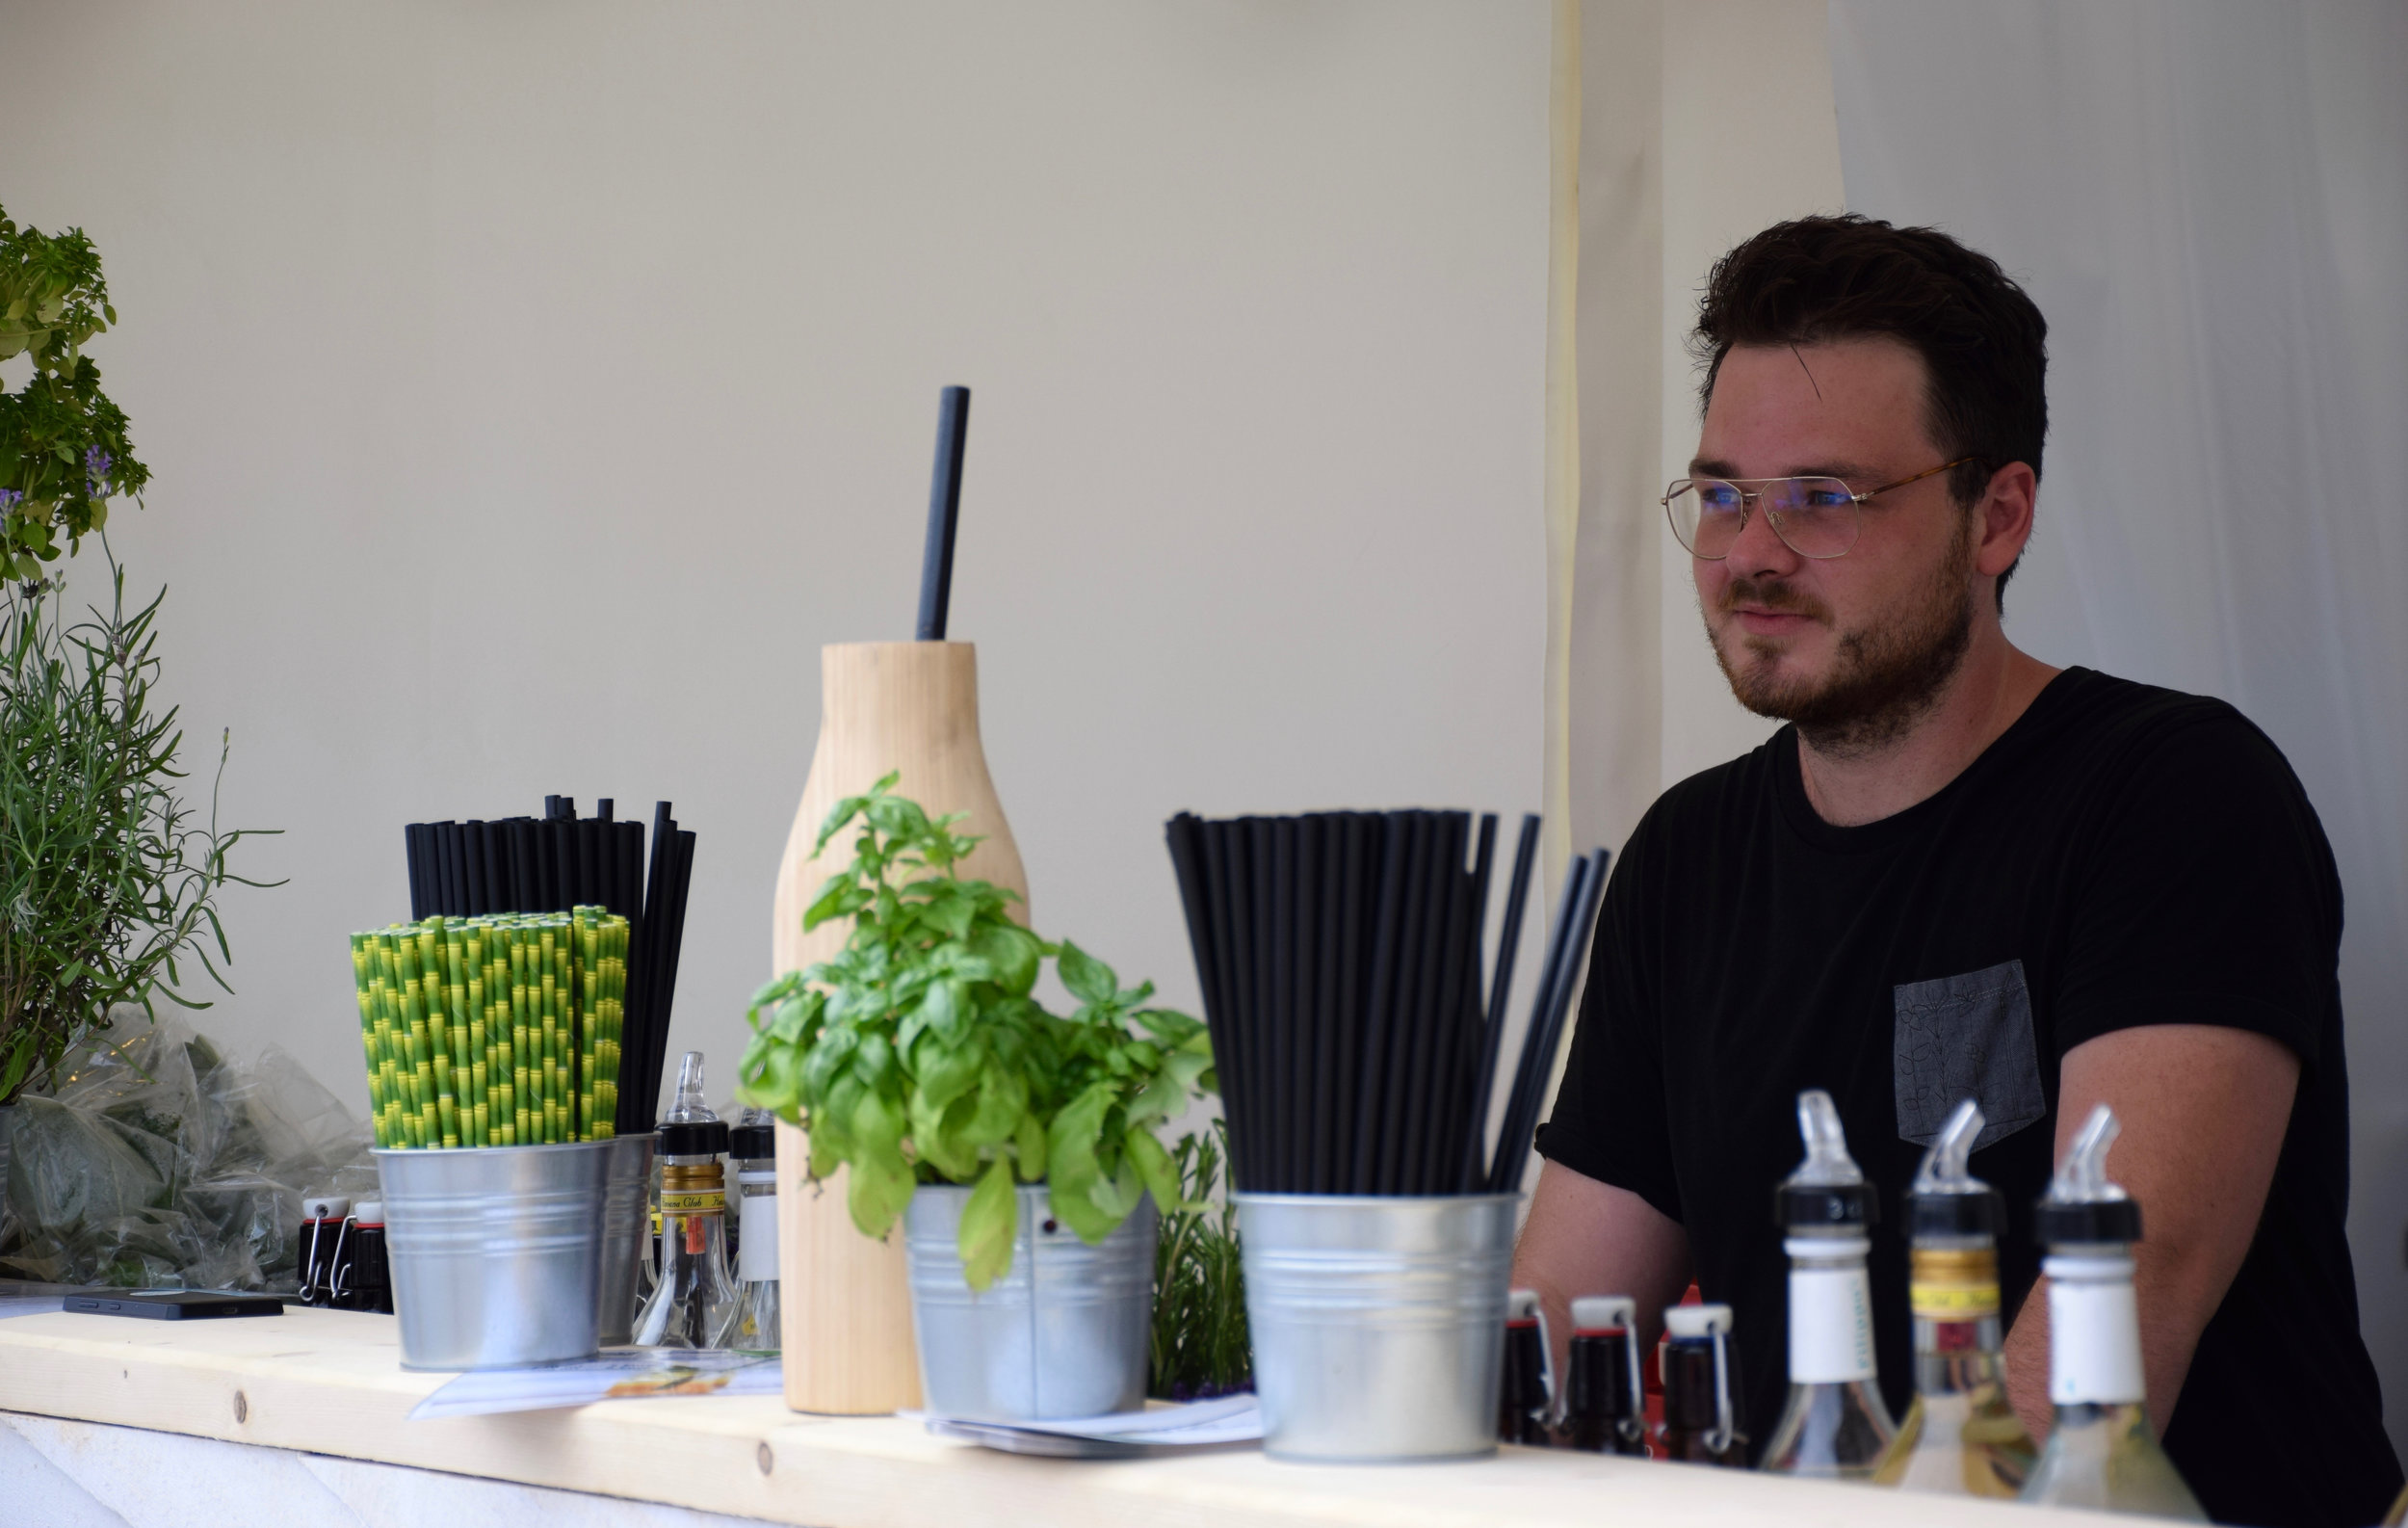 Marvin - 25 Jahre, studiert in Wien Kultur- und Sozialanthropologie. Leidenschaftlicher Koch, unzählige Ideen und immer wieder neue Rezepte für wahnsinnige Sirups.